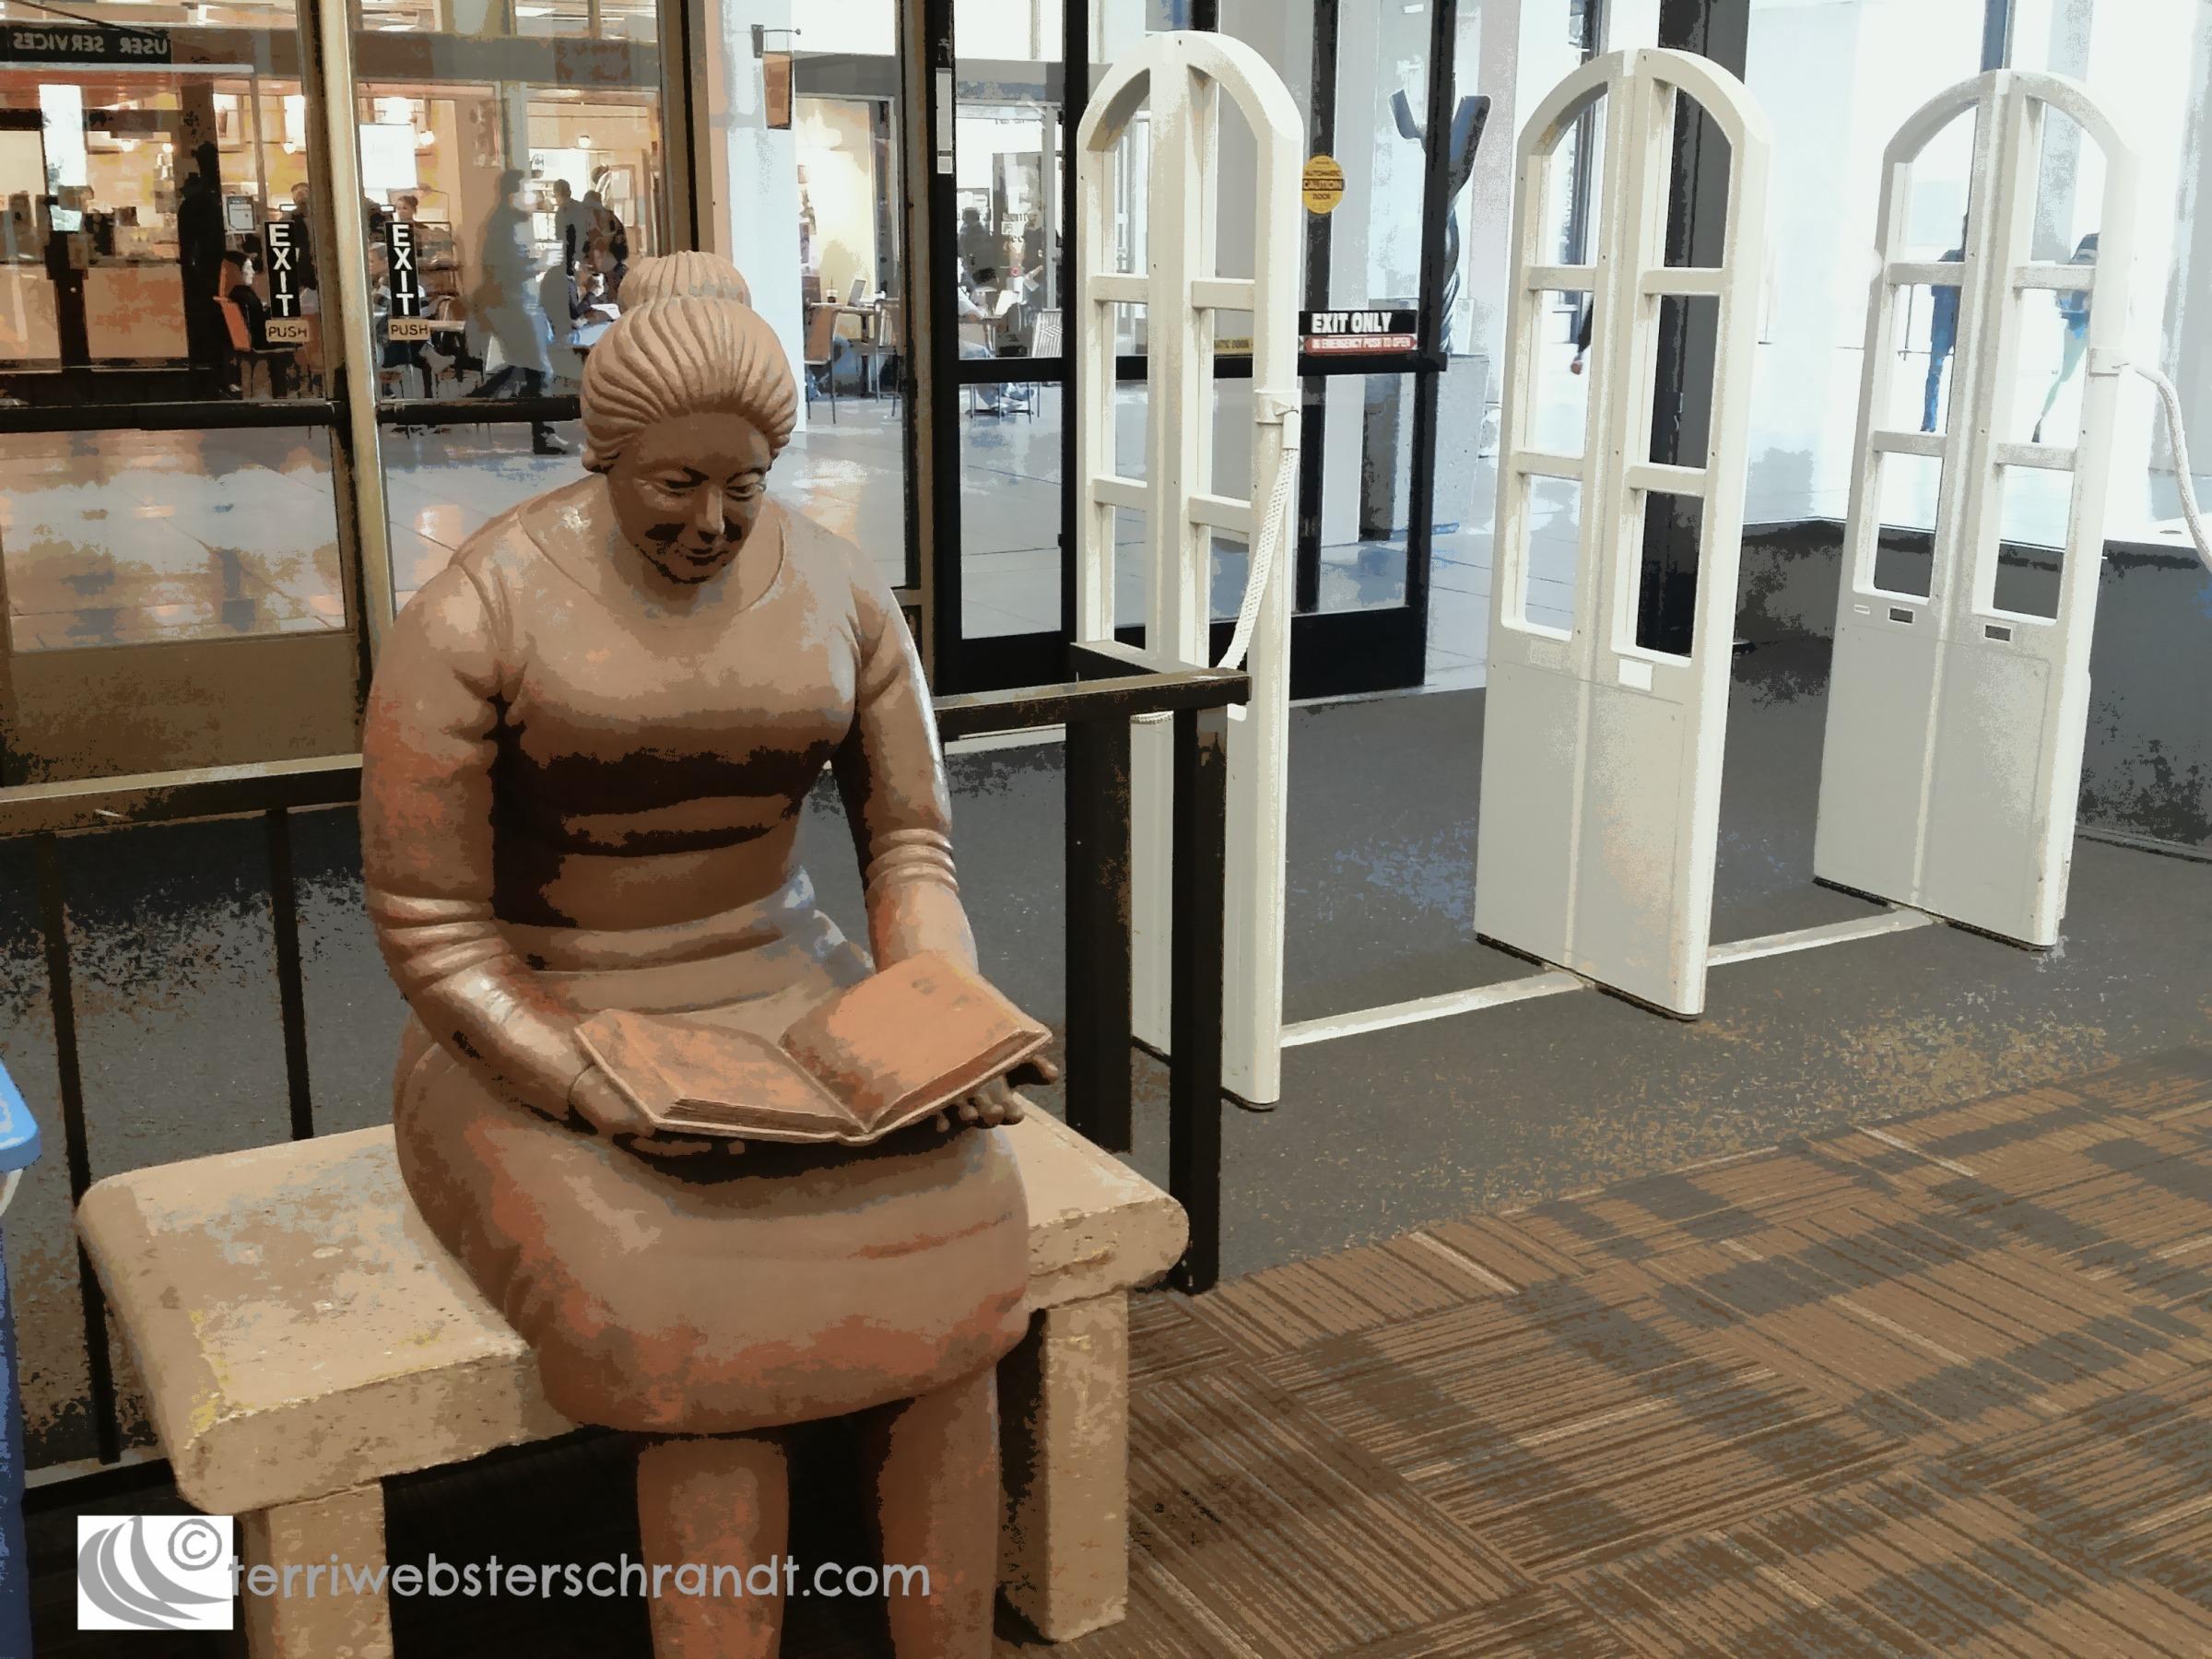 Doors to knowledge open here